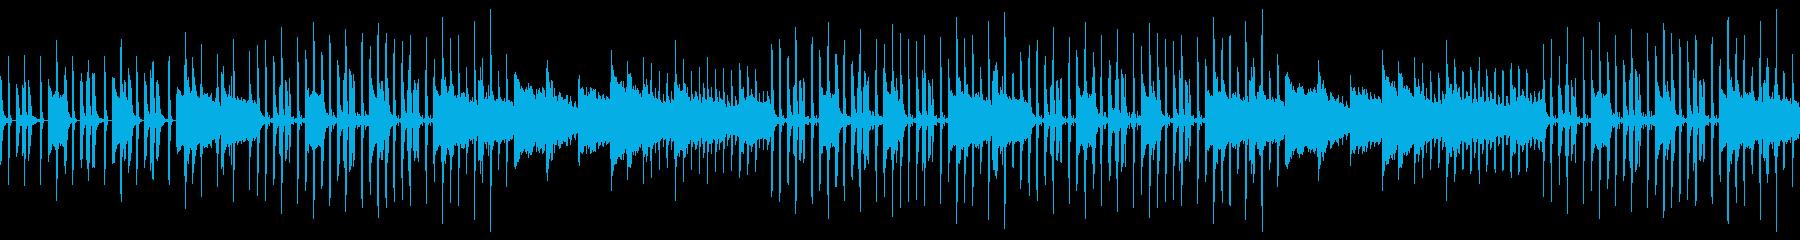 ストリングスピアノの前向きソウルポップスの再生済みの波形